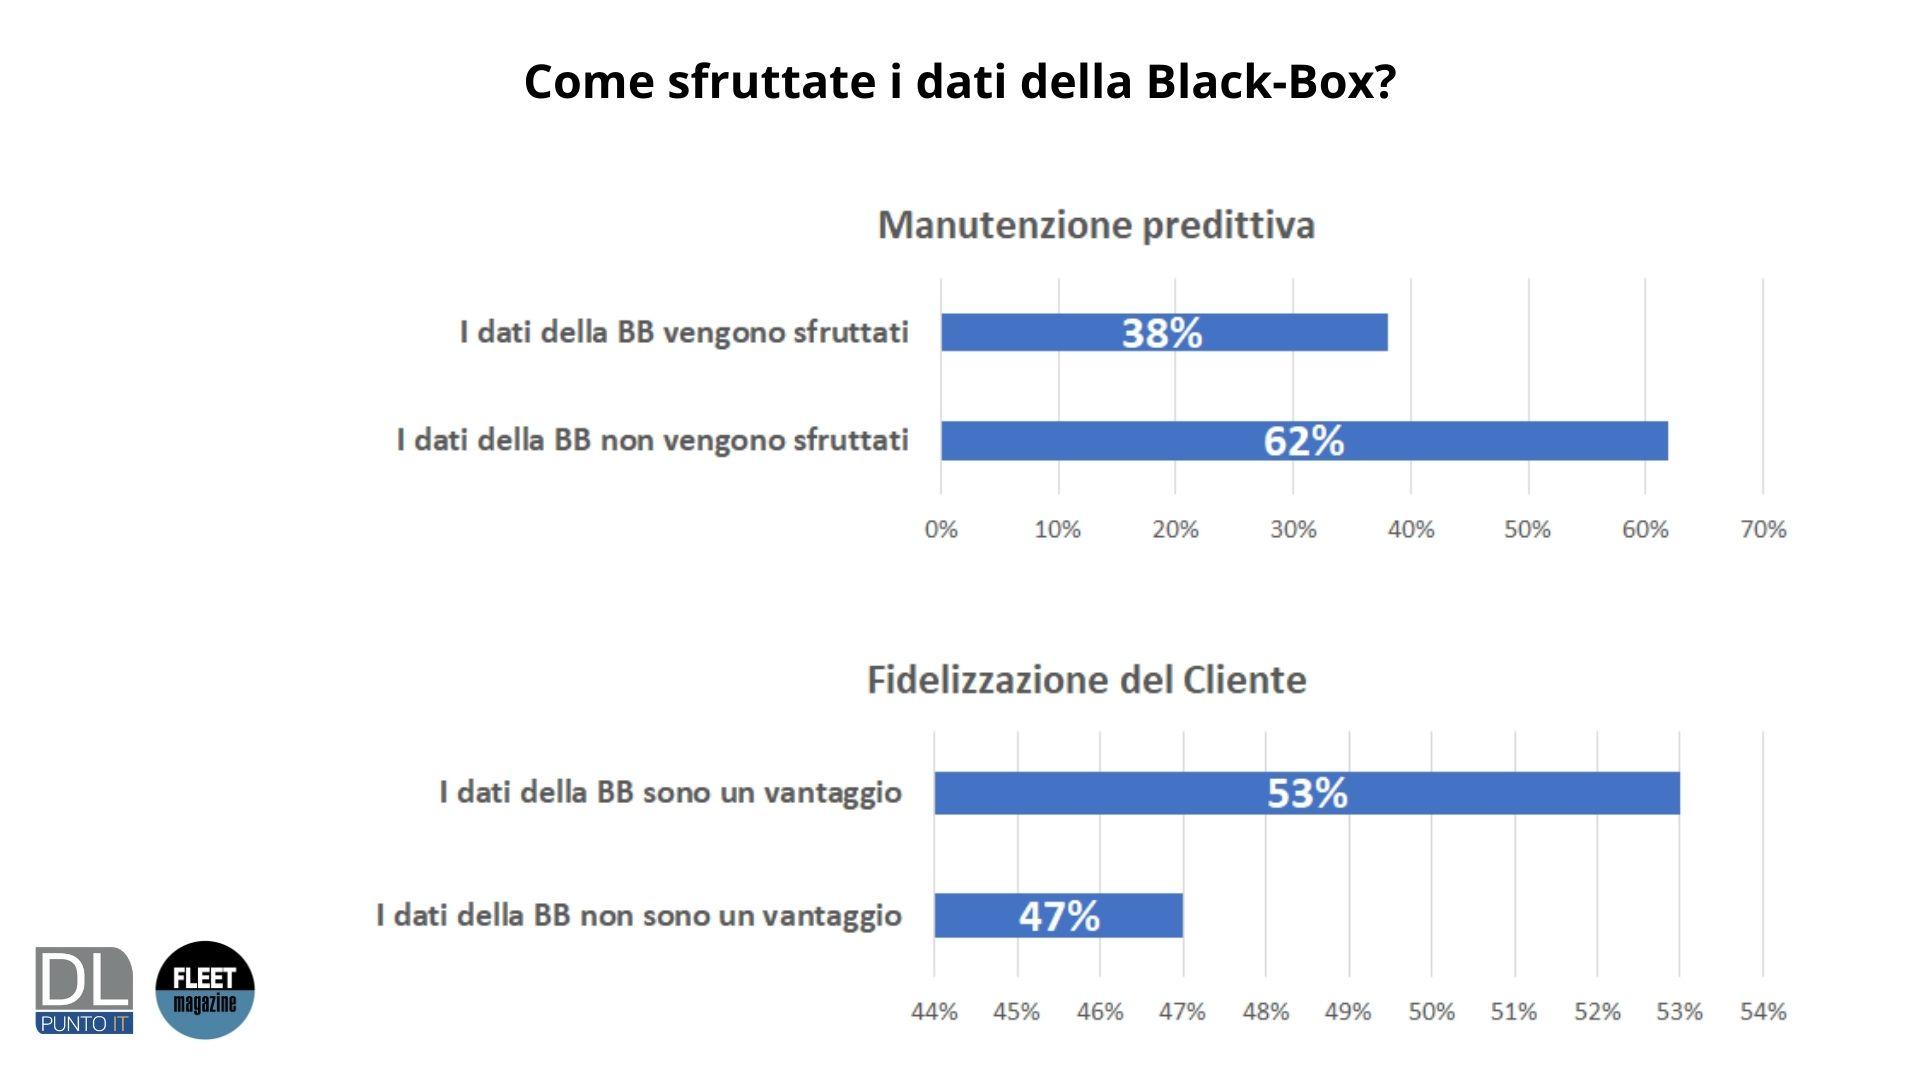 come sfruttate dati scatola nera survey